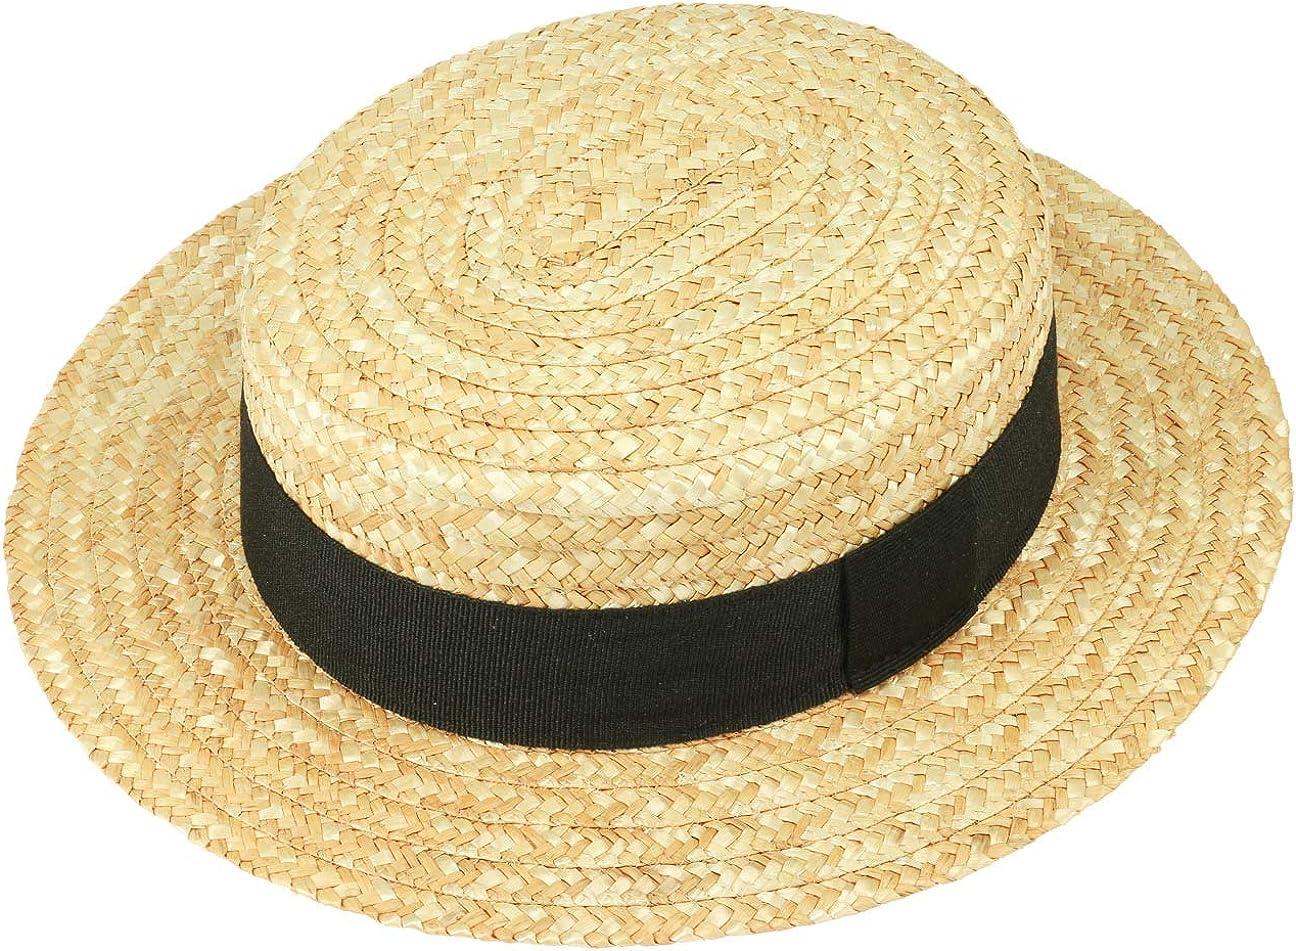 Lipodo Boater paglietta Donna//Uomo Copricapo con Fascia in Gros-Grain Primavera//Estate Cappello da gondoliere Cappello da Sole in Paglia di frumento Made in Italy